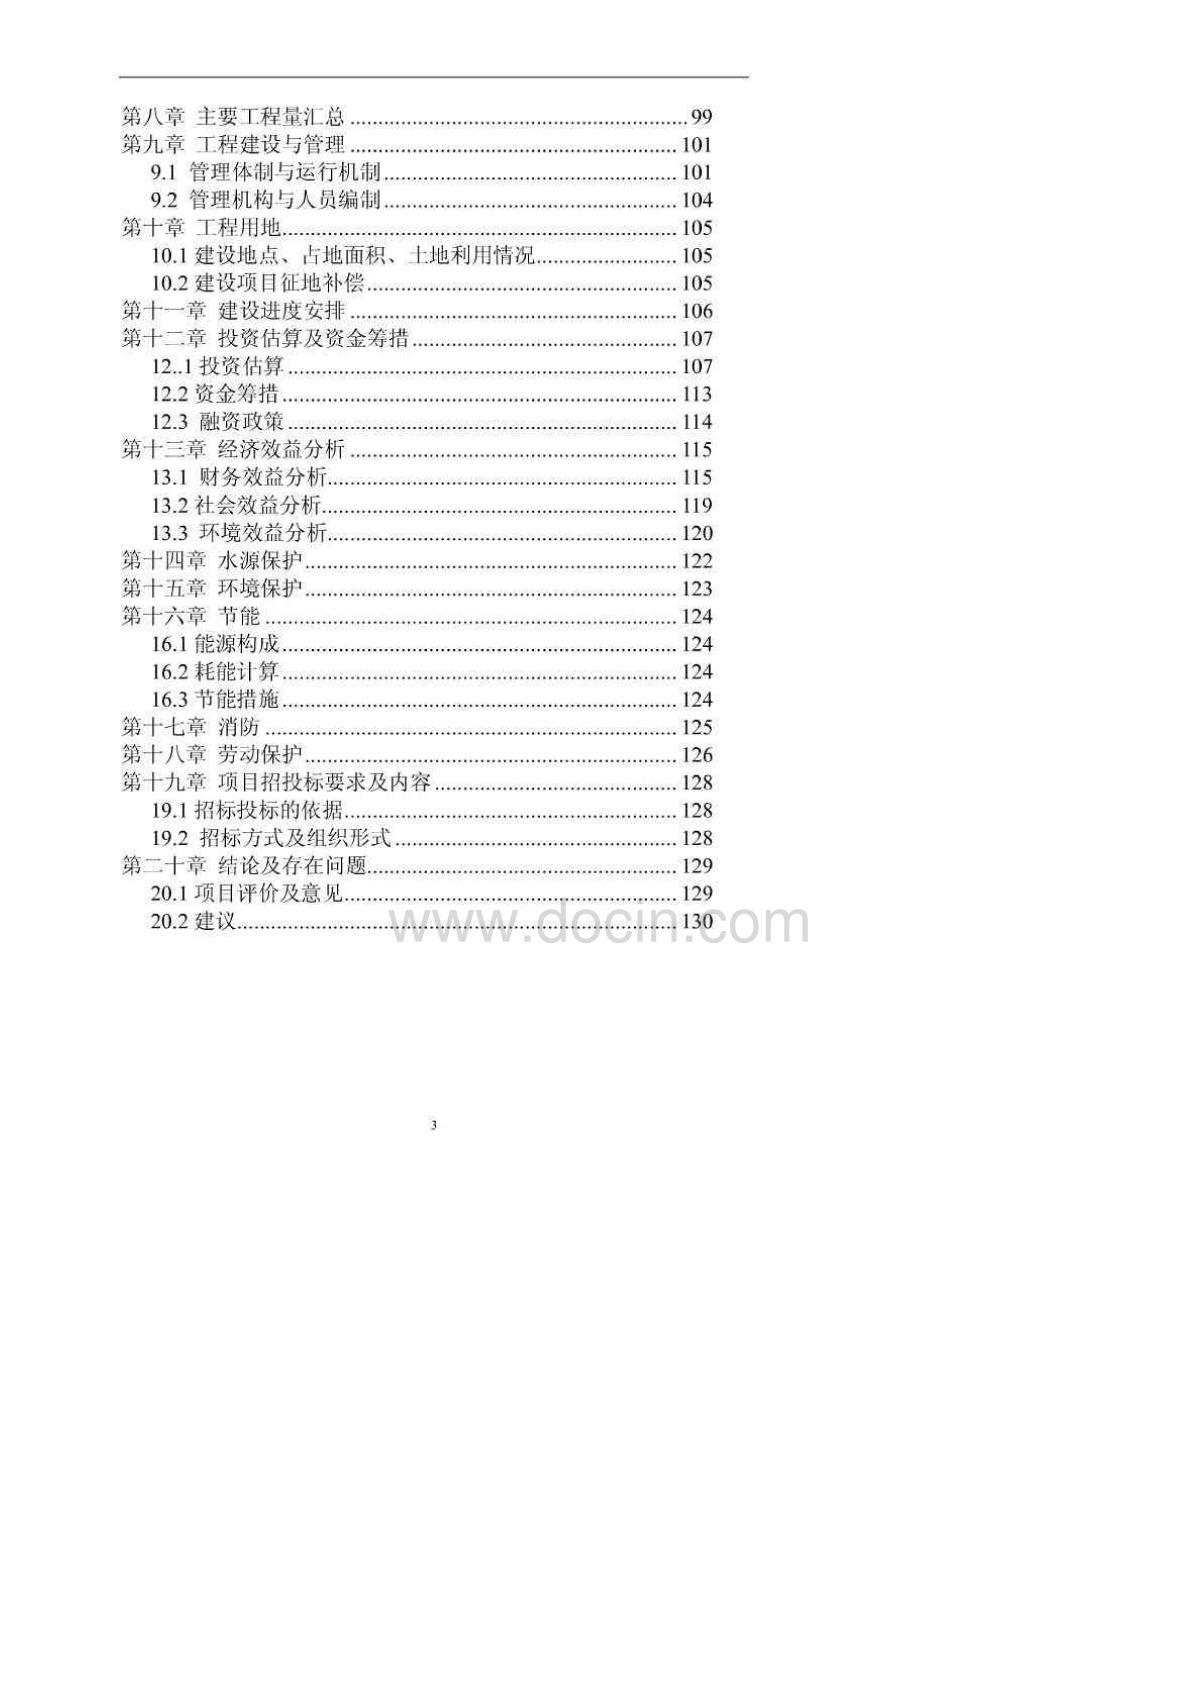 某某农村饮水安全可行性研究报告(优秀可研报告131页)图片1